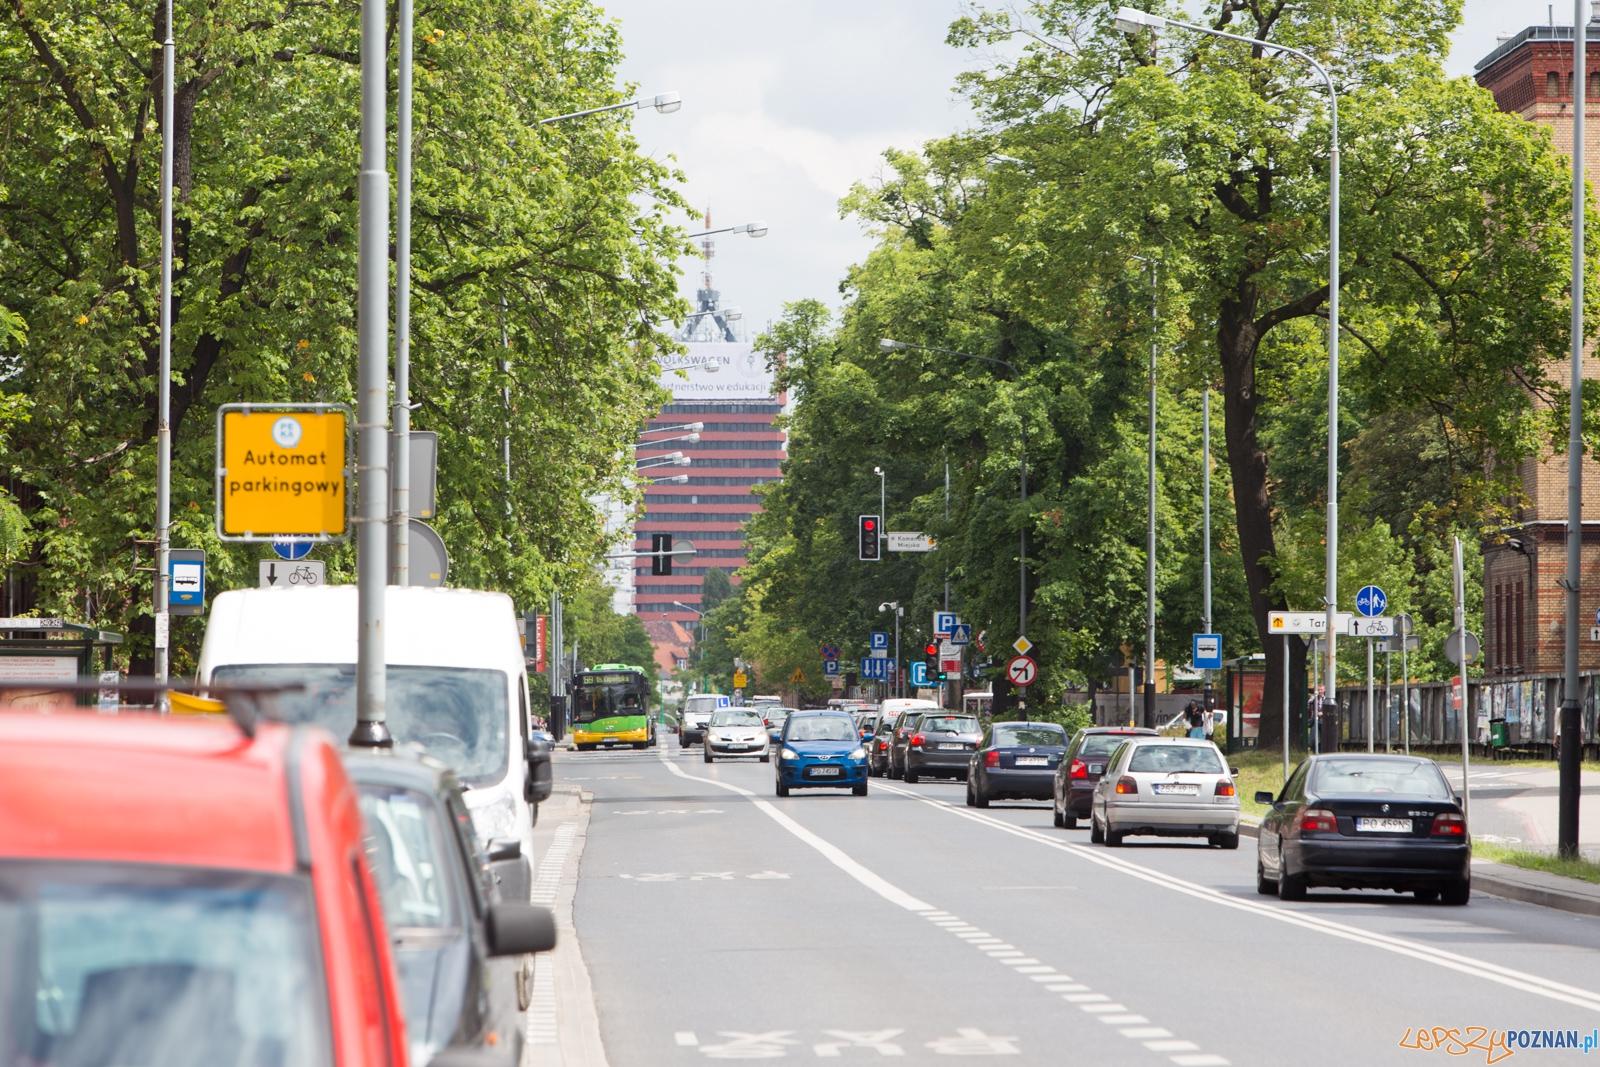 Ulica Bukowska widok na Akademię Ekonomiczną  Foto: lepszyPOZNAN.pl / Piotr Rychter